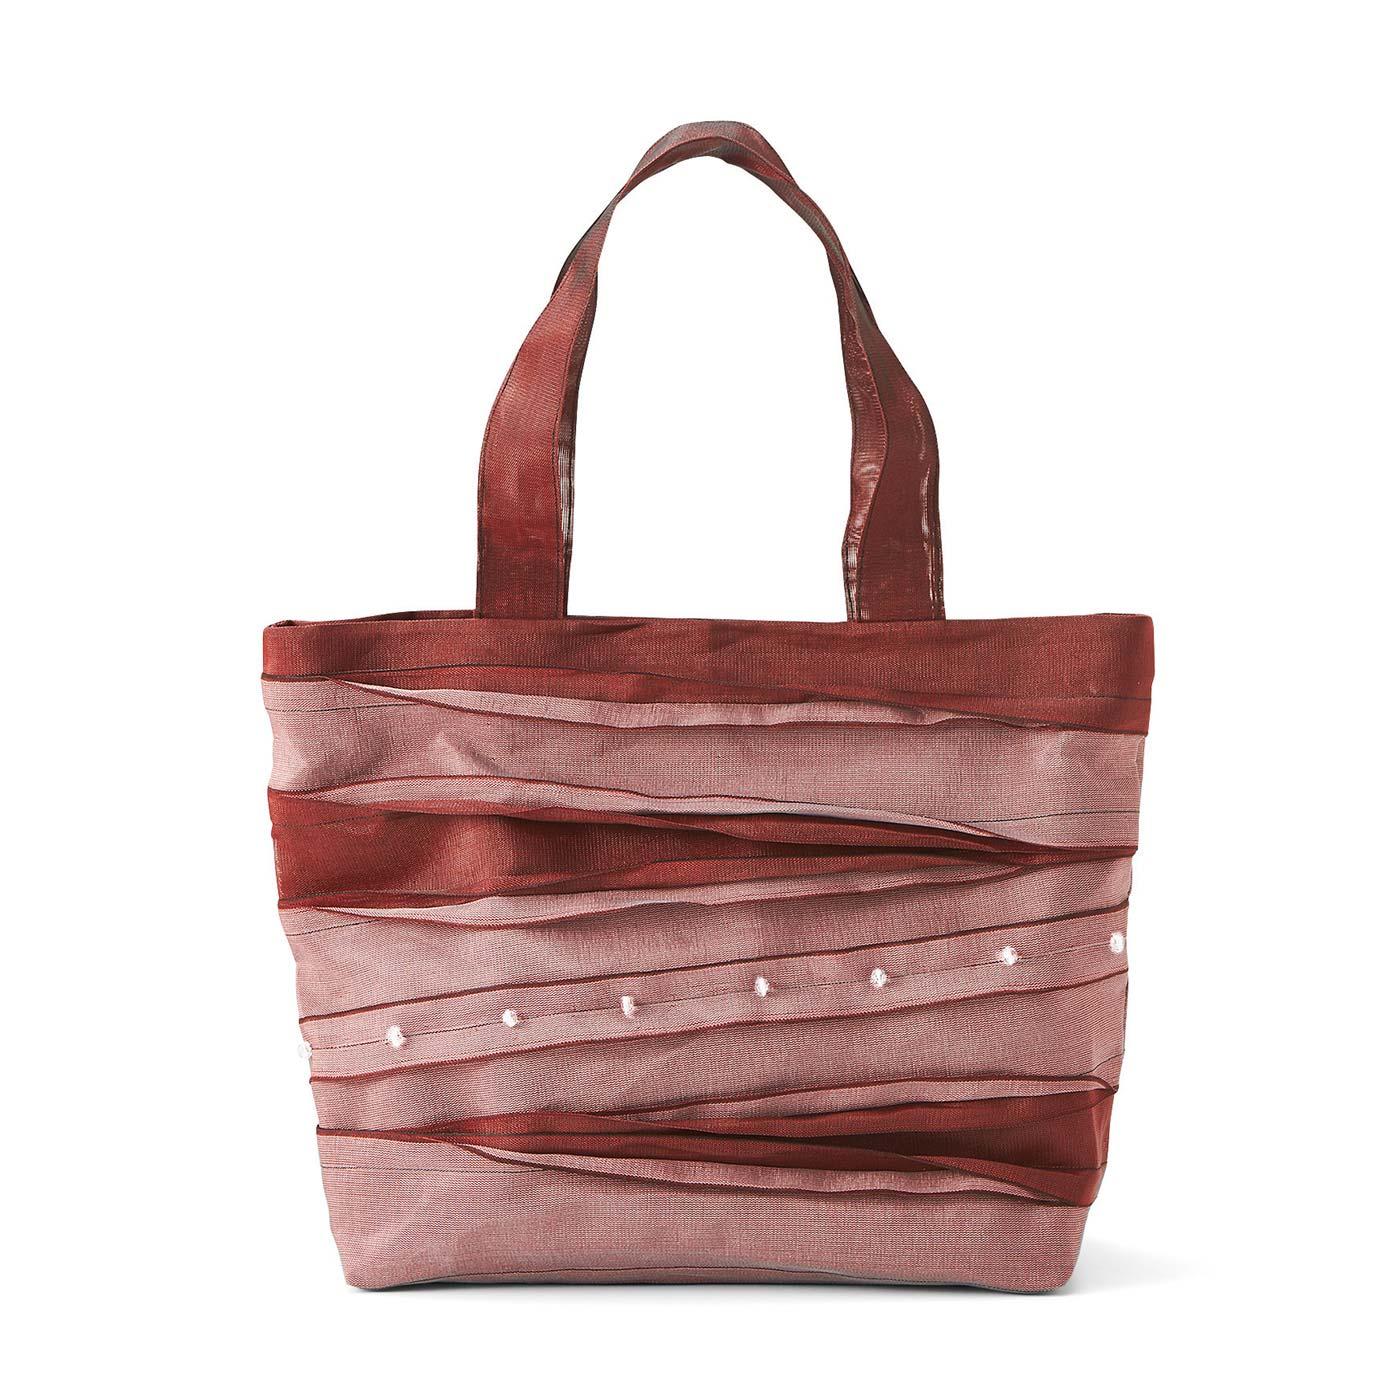 薄紅(うすくれない)色の横型トートバッグ 縦約27cm、横約39cm、まち幅約10cm